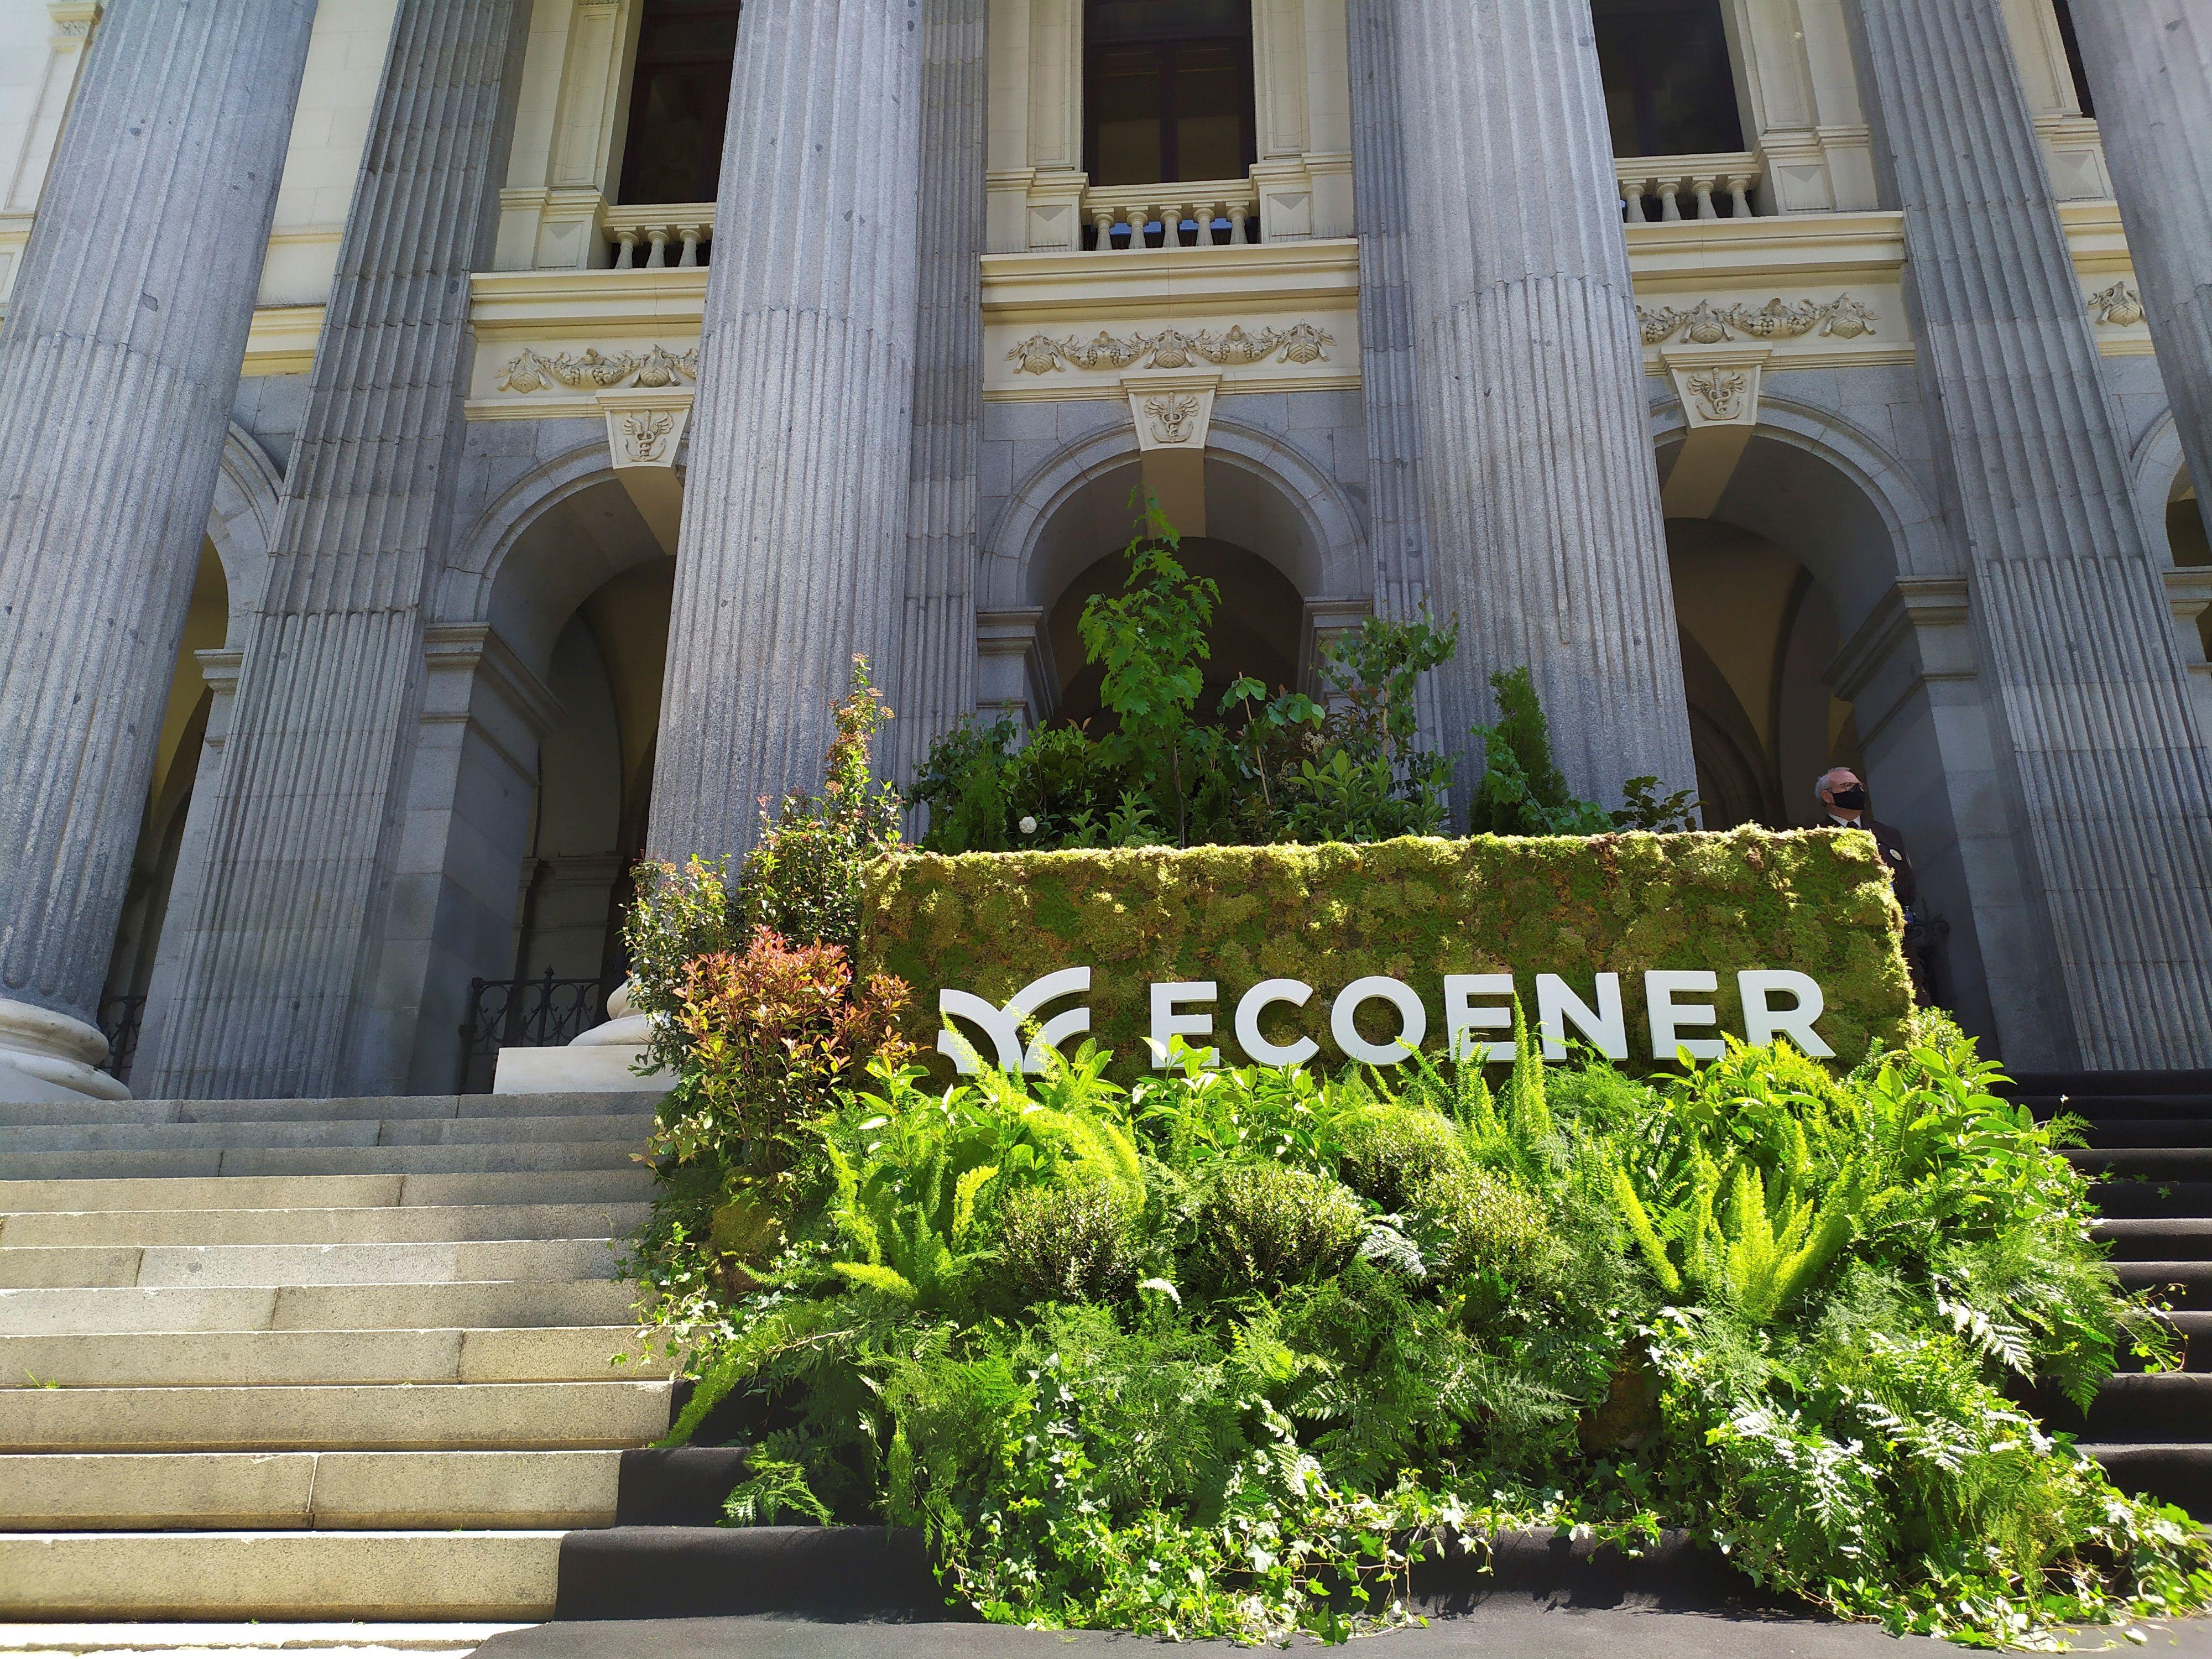 El logotipo de Ecoener decora la fachada del Palacio de la Bolsa en Madrid en su debut.